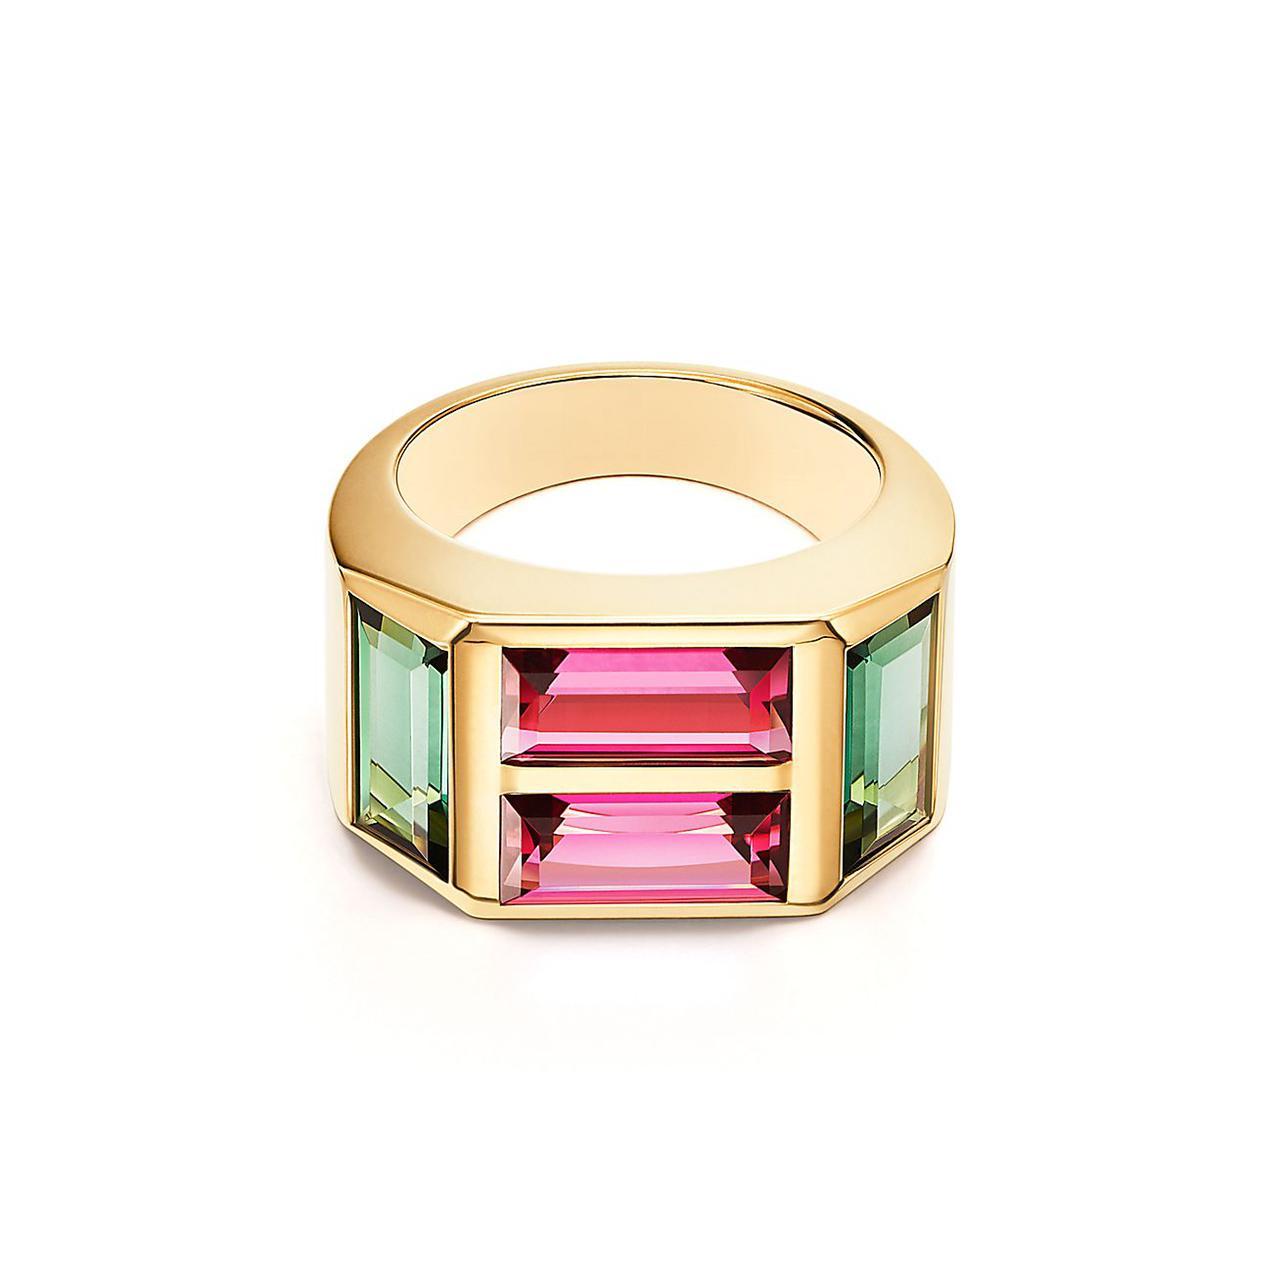 خاتم باغيت بأربعة أحجار من علامة تيفاني أند كو«Tiffany&Co»